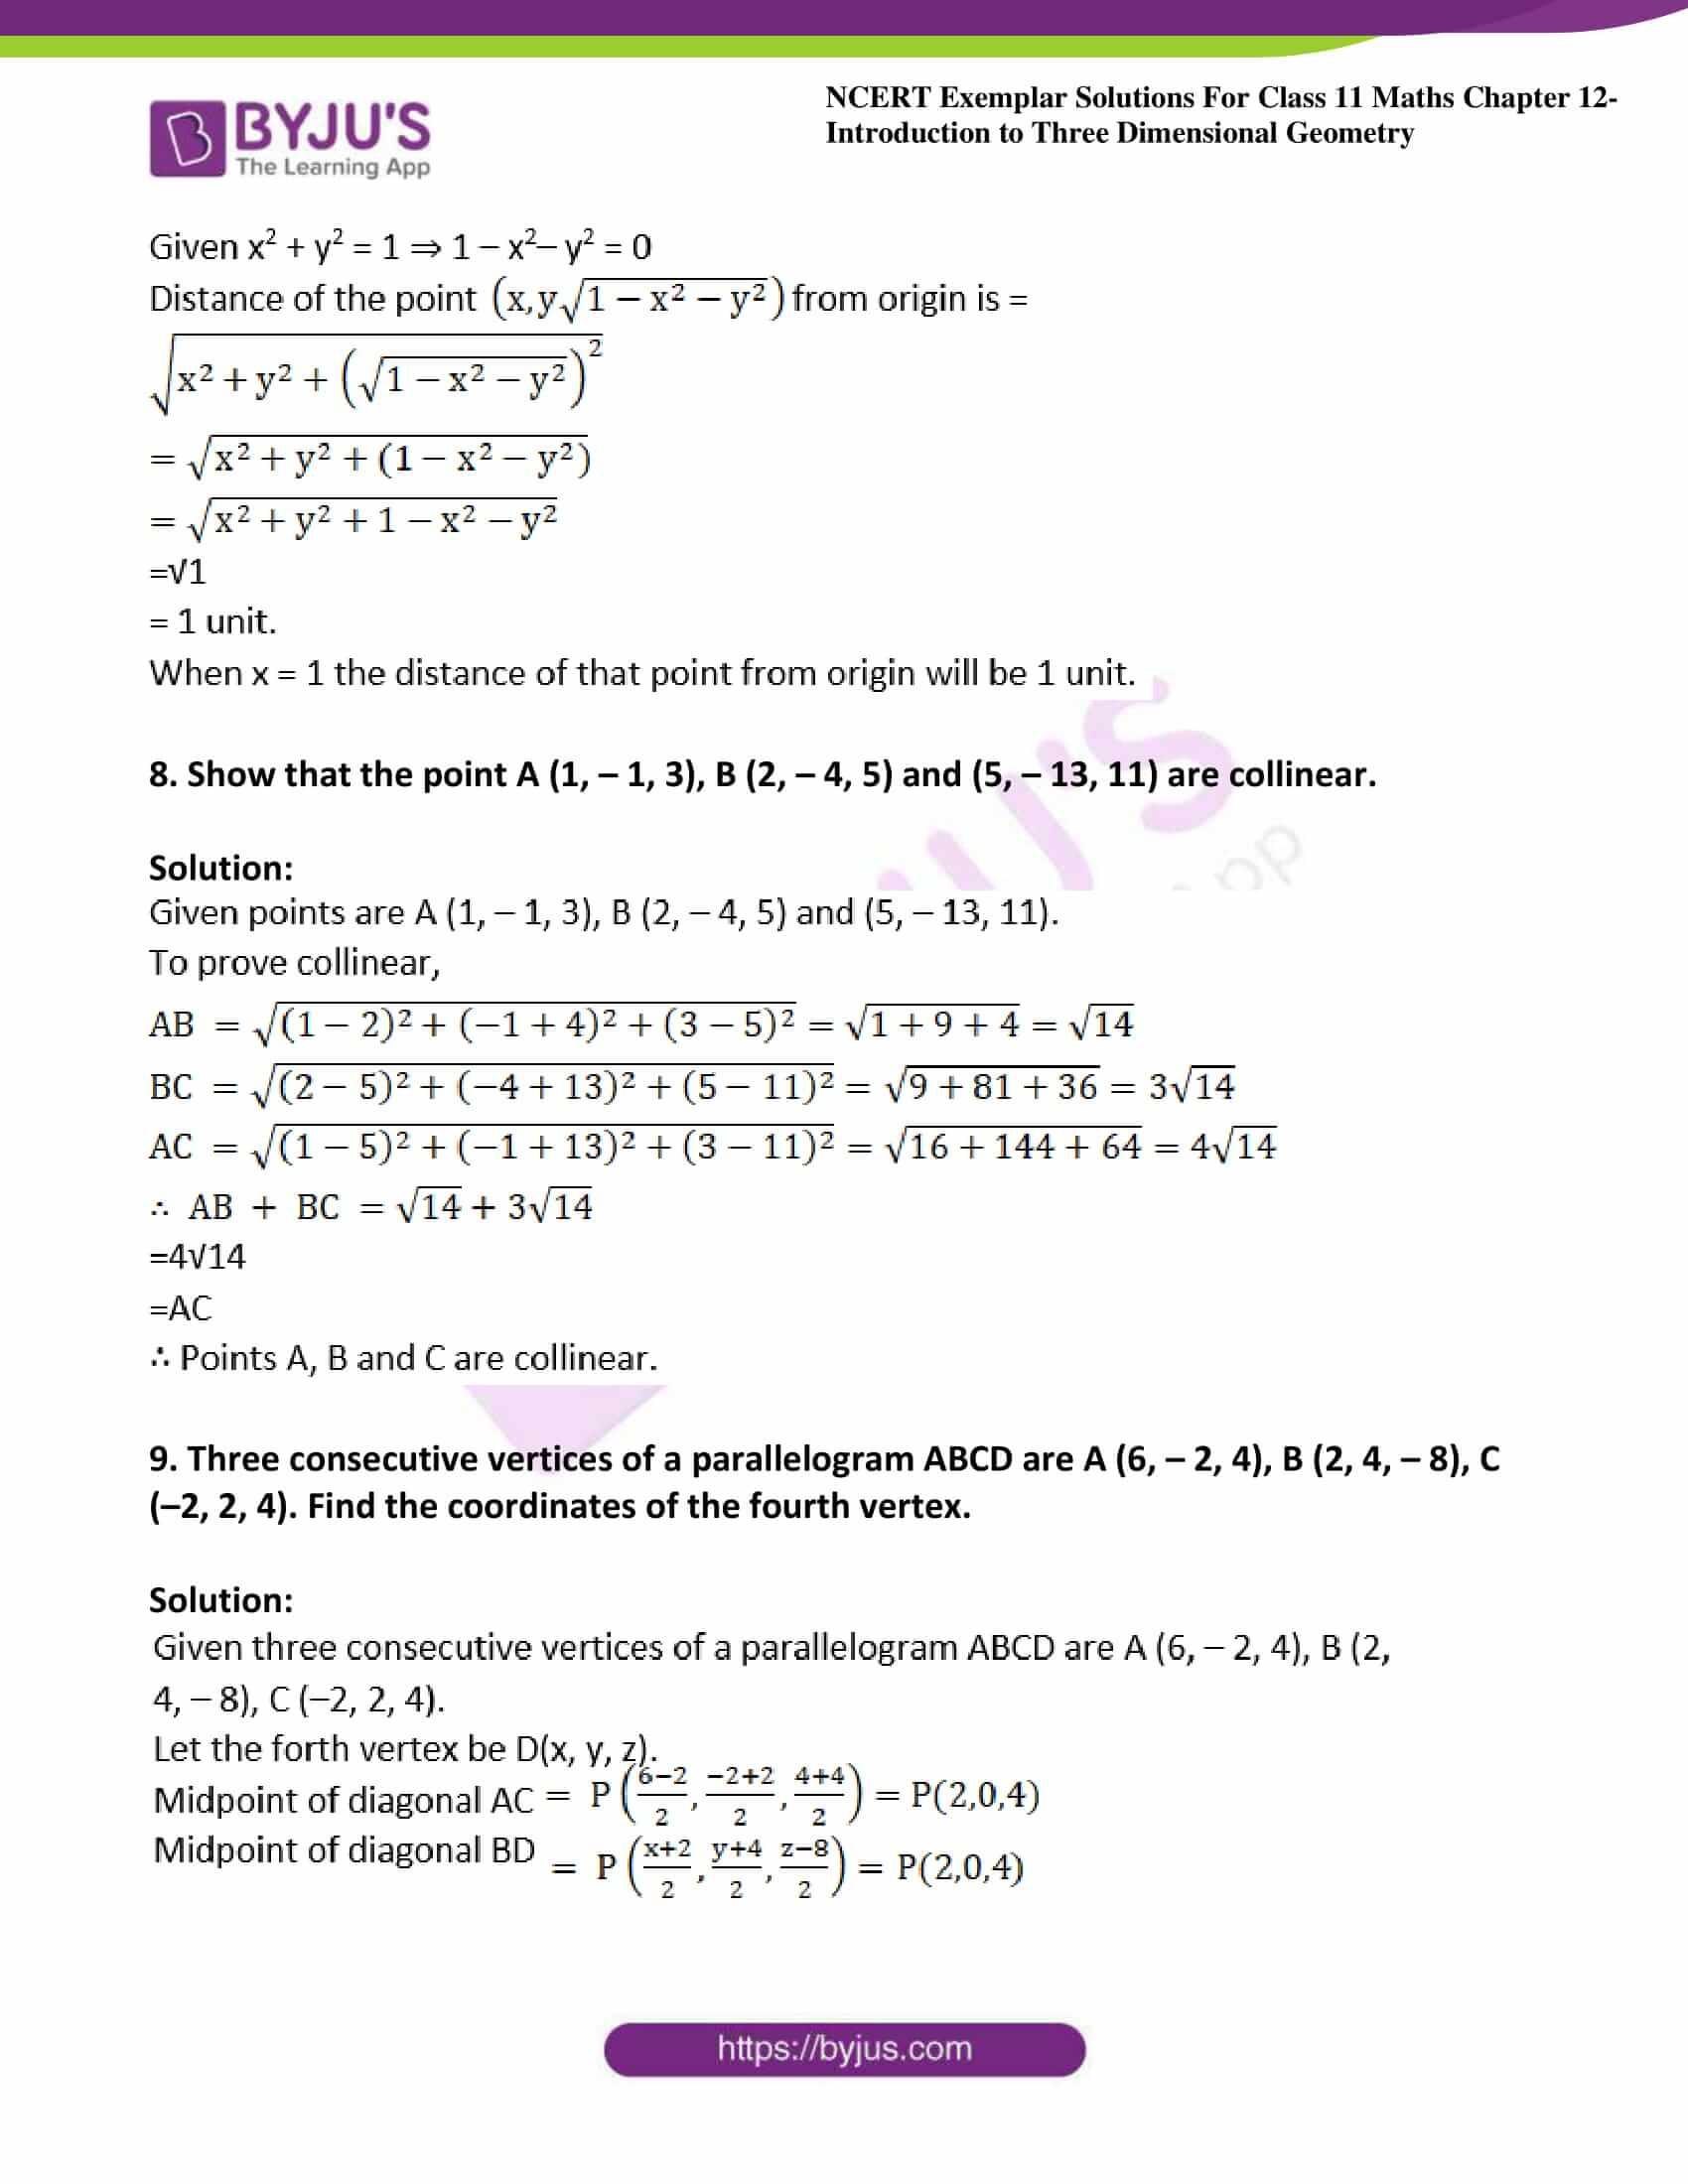 ncert exemplar sol class 11 maths chpt 12 three dimensional 04